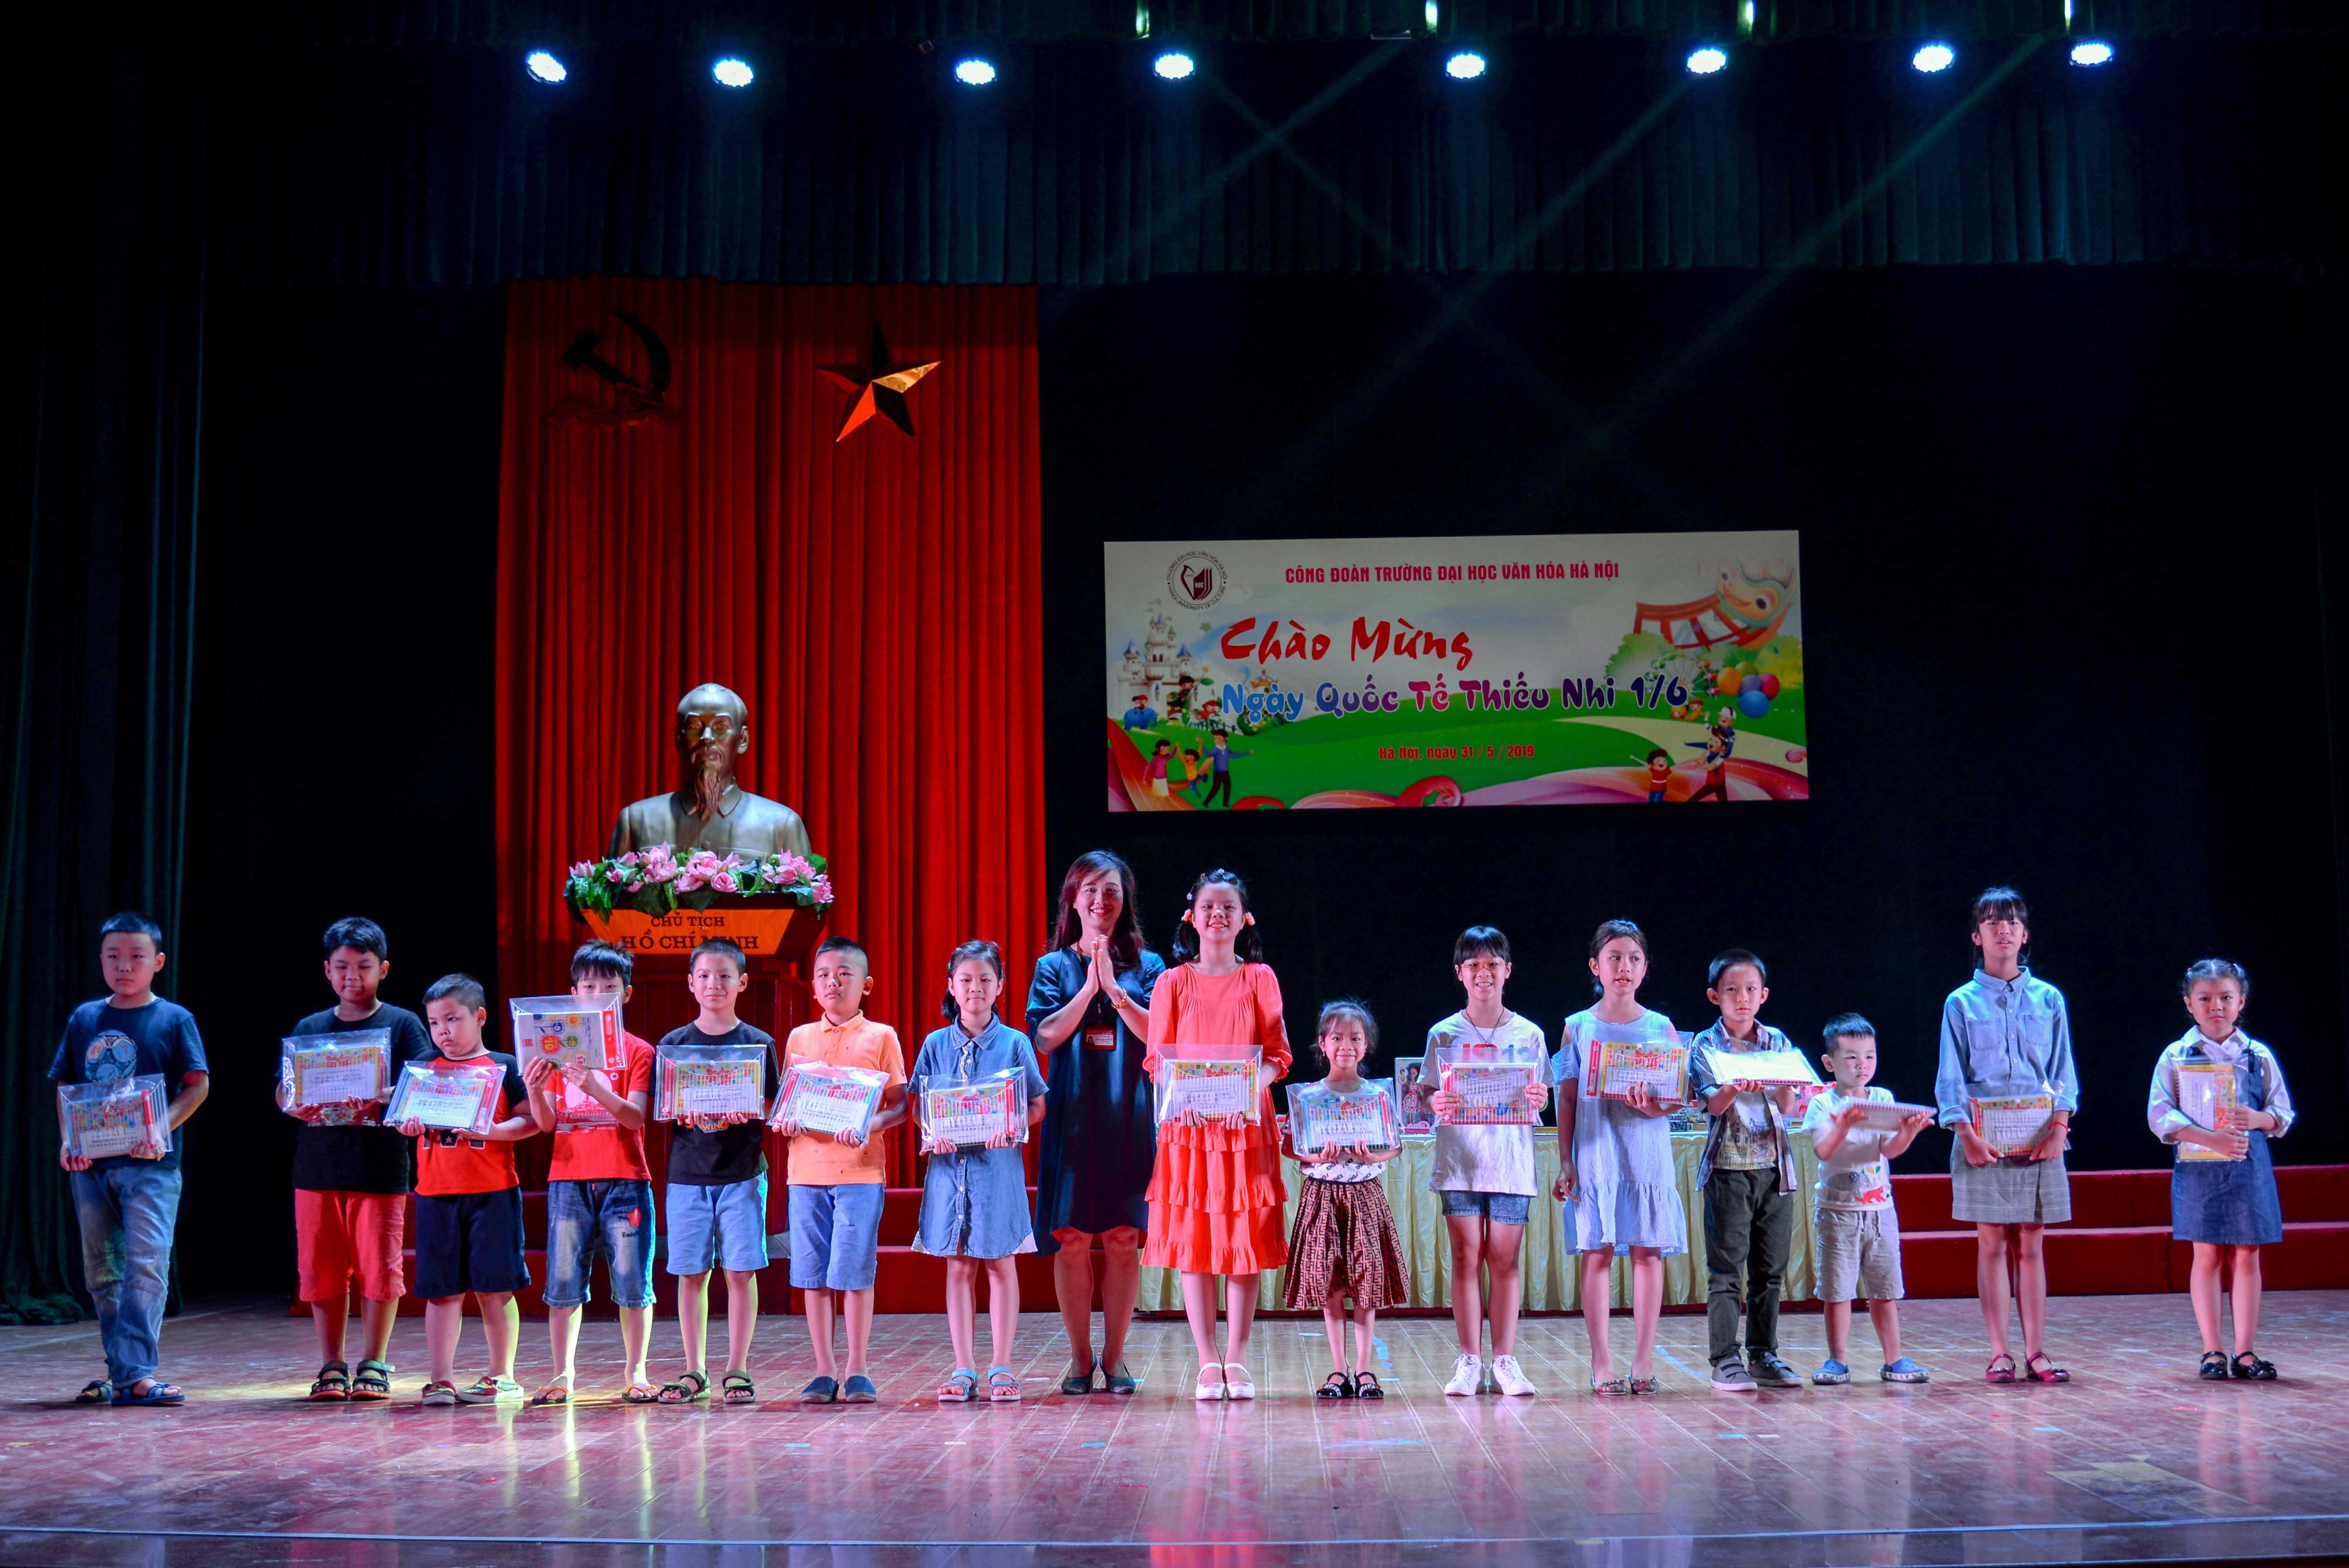 Vui đón Tết thiếu nhi 1-6 tại Trường Đại học Văn hóa Hà Nội